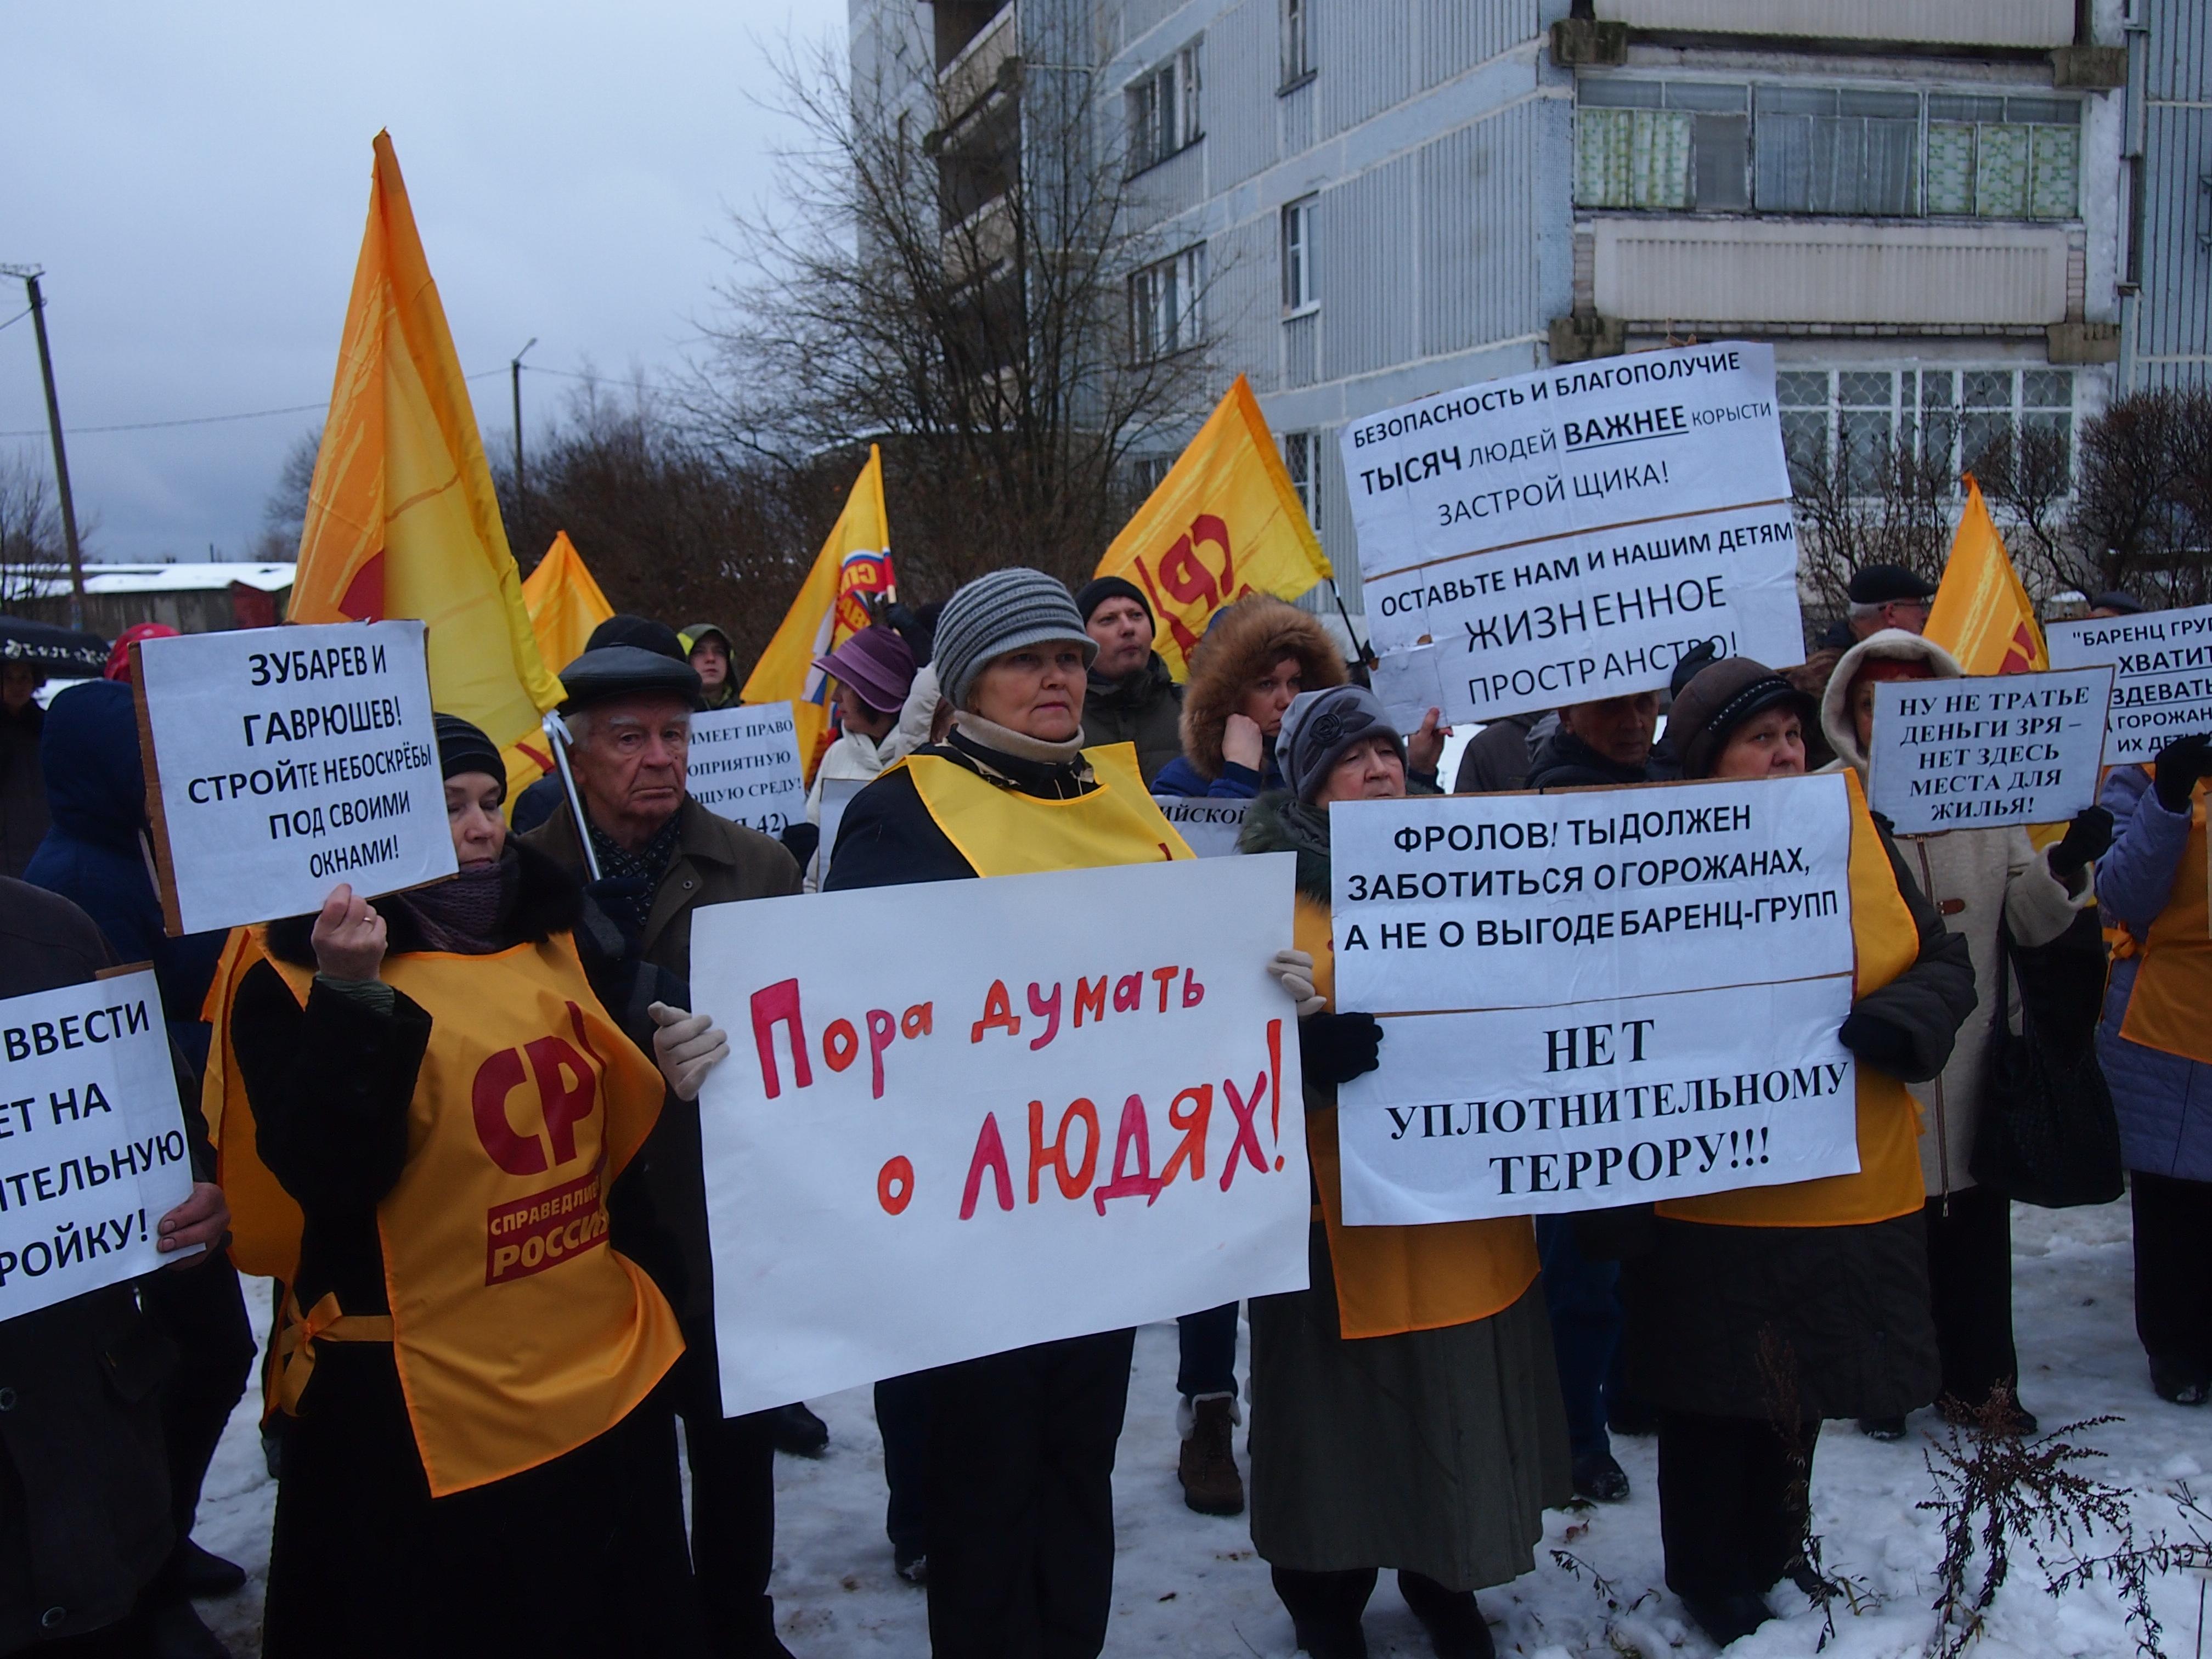 Лозунги участников акции. Фото: Валерий Поташов